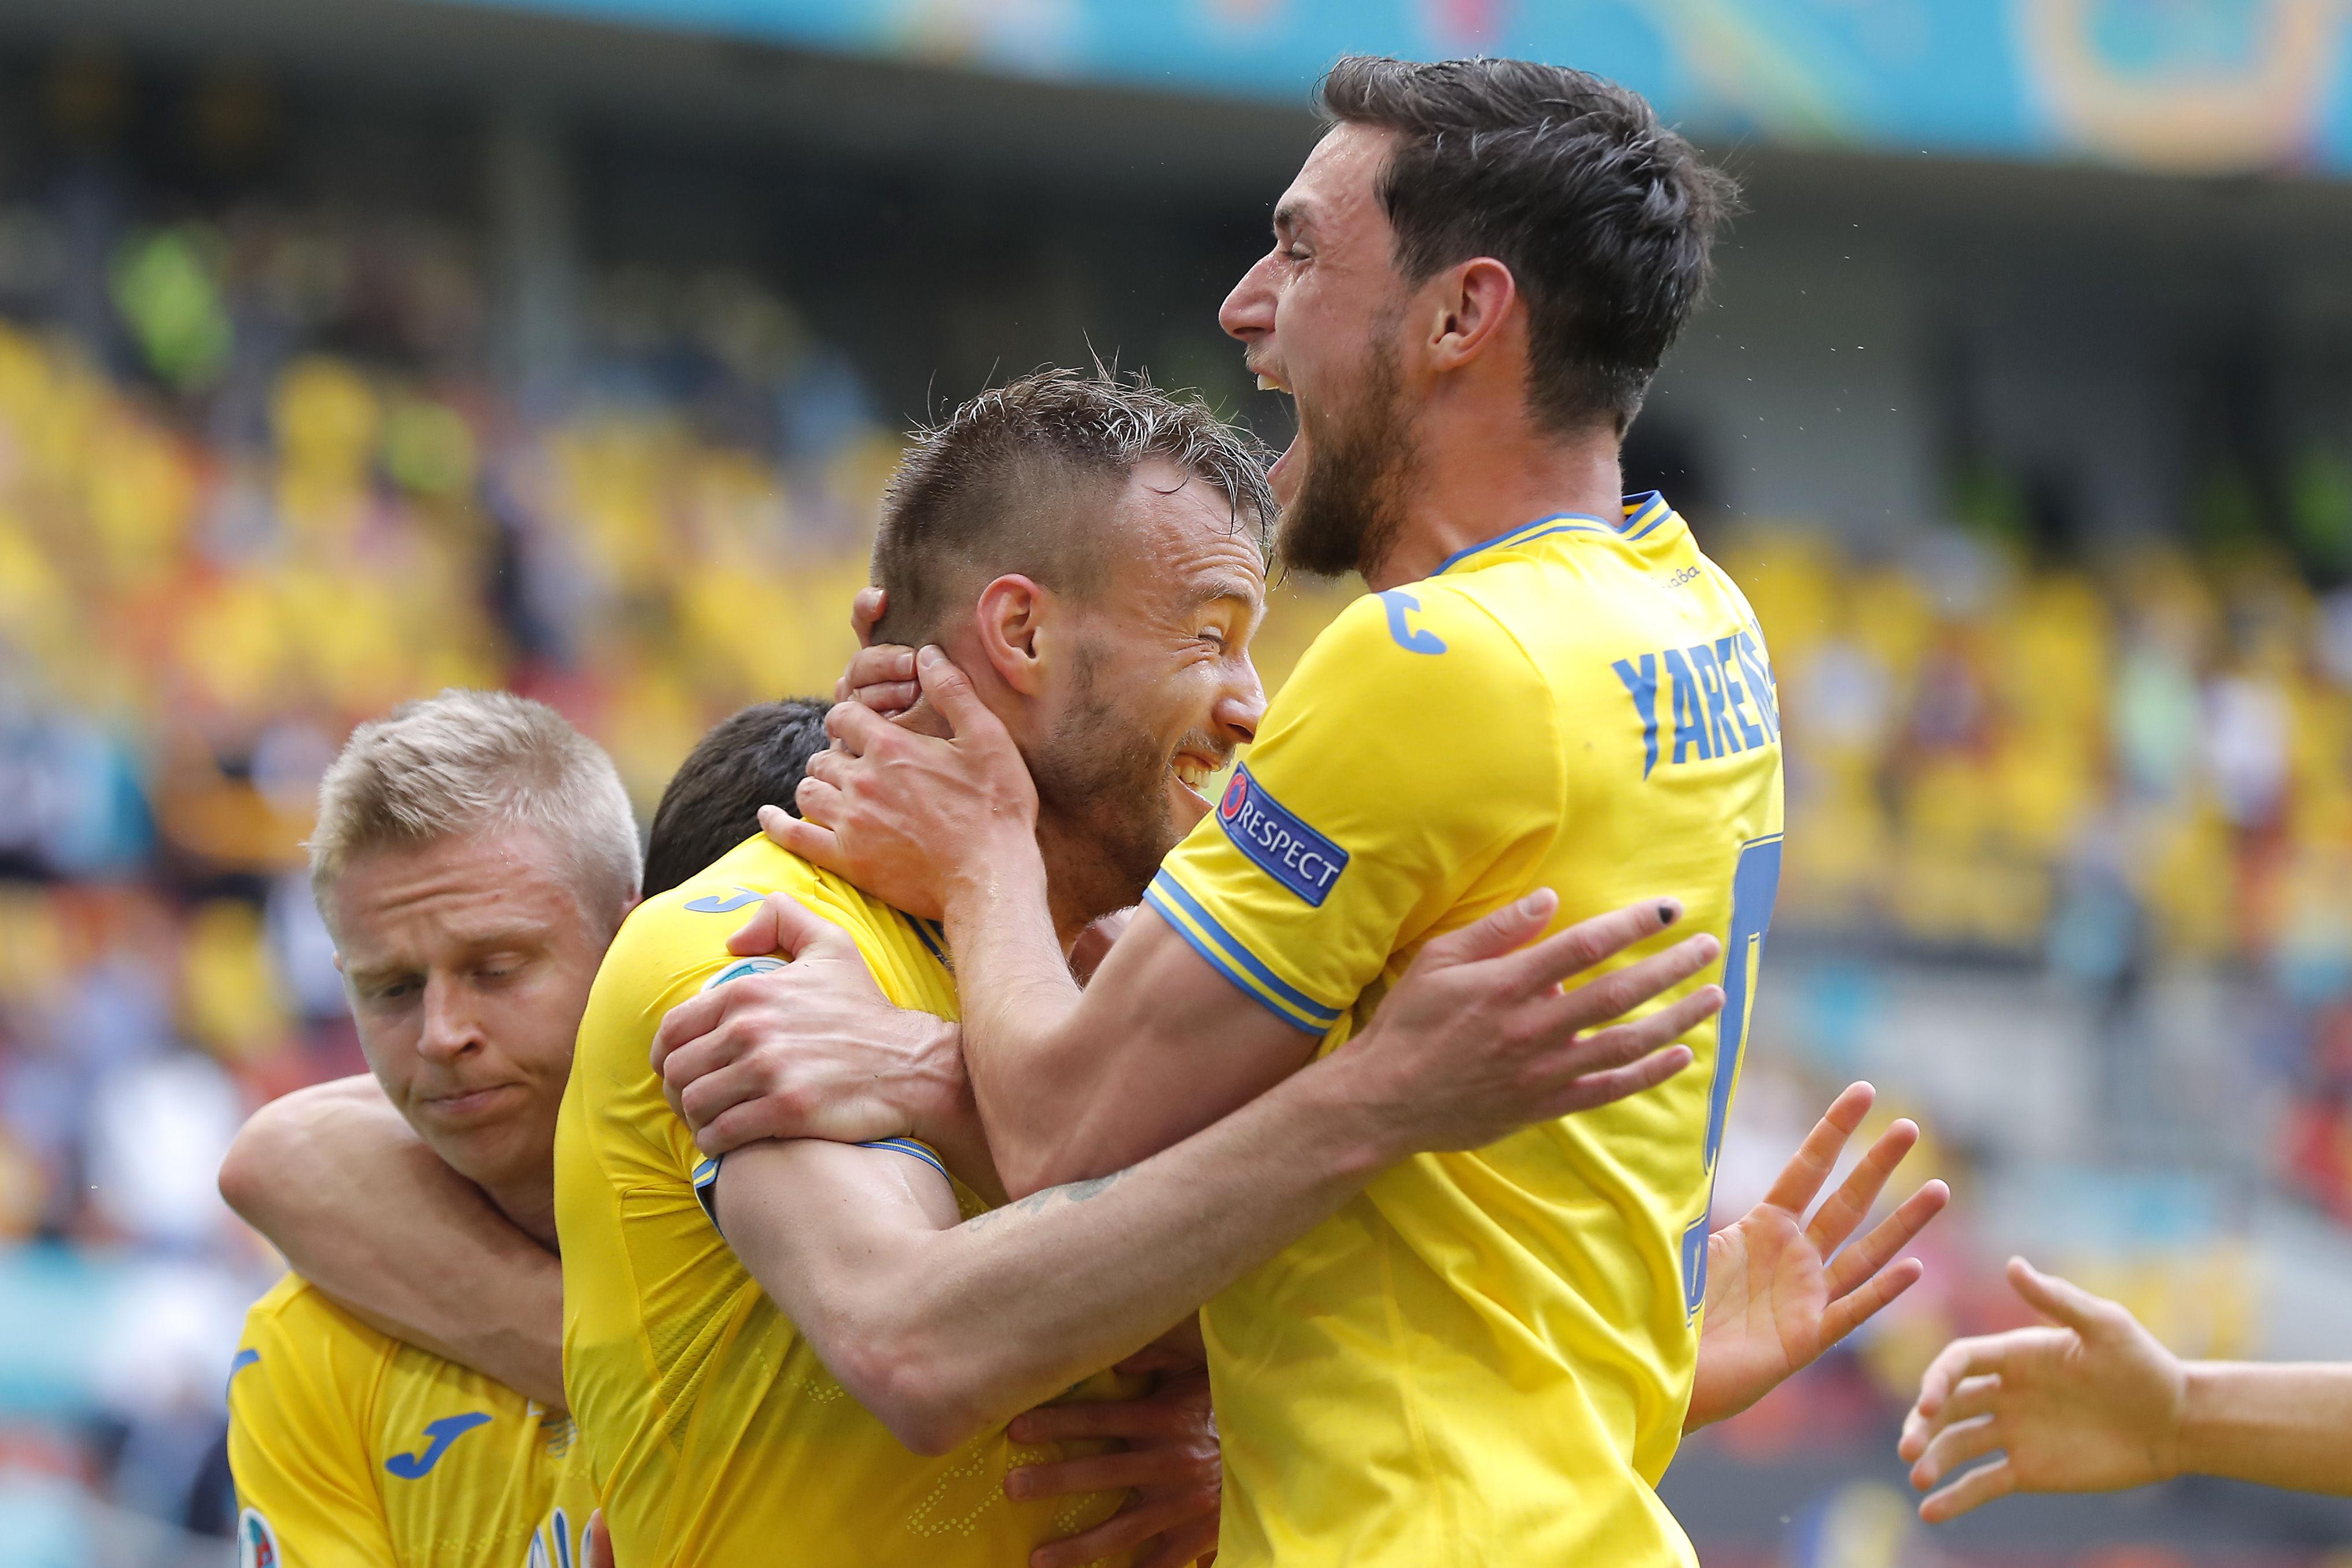 Андрей Тлумак: У всех есть радость от победы Украины, но полного удовлетворения от игры нет - изображение 1